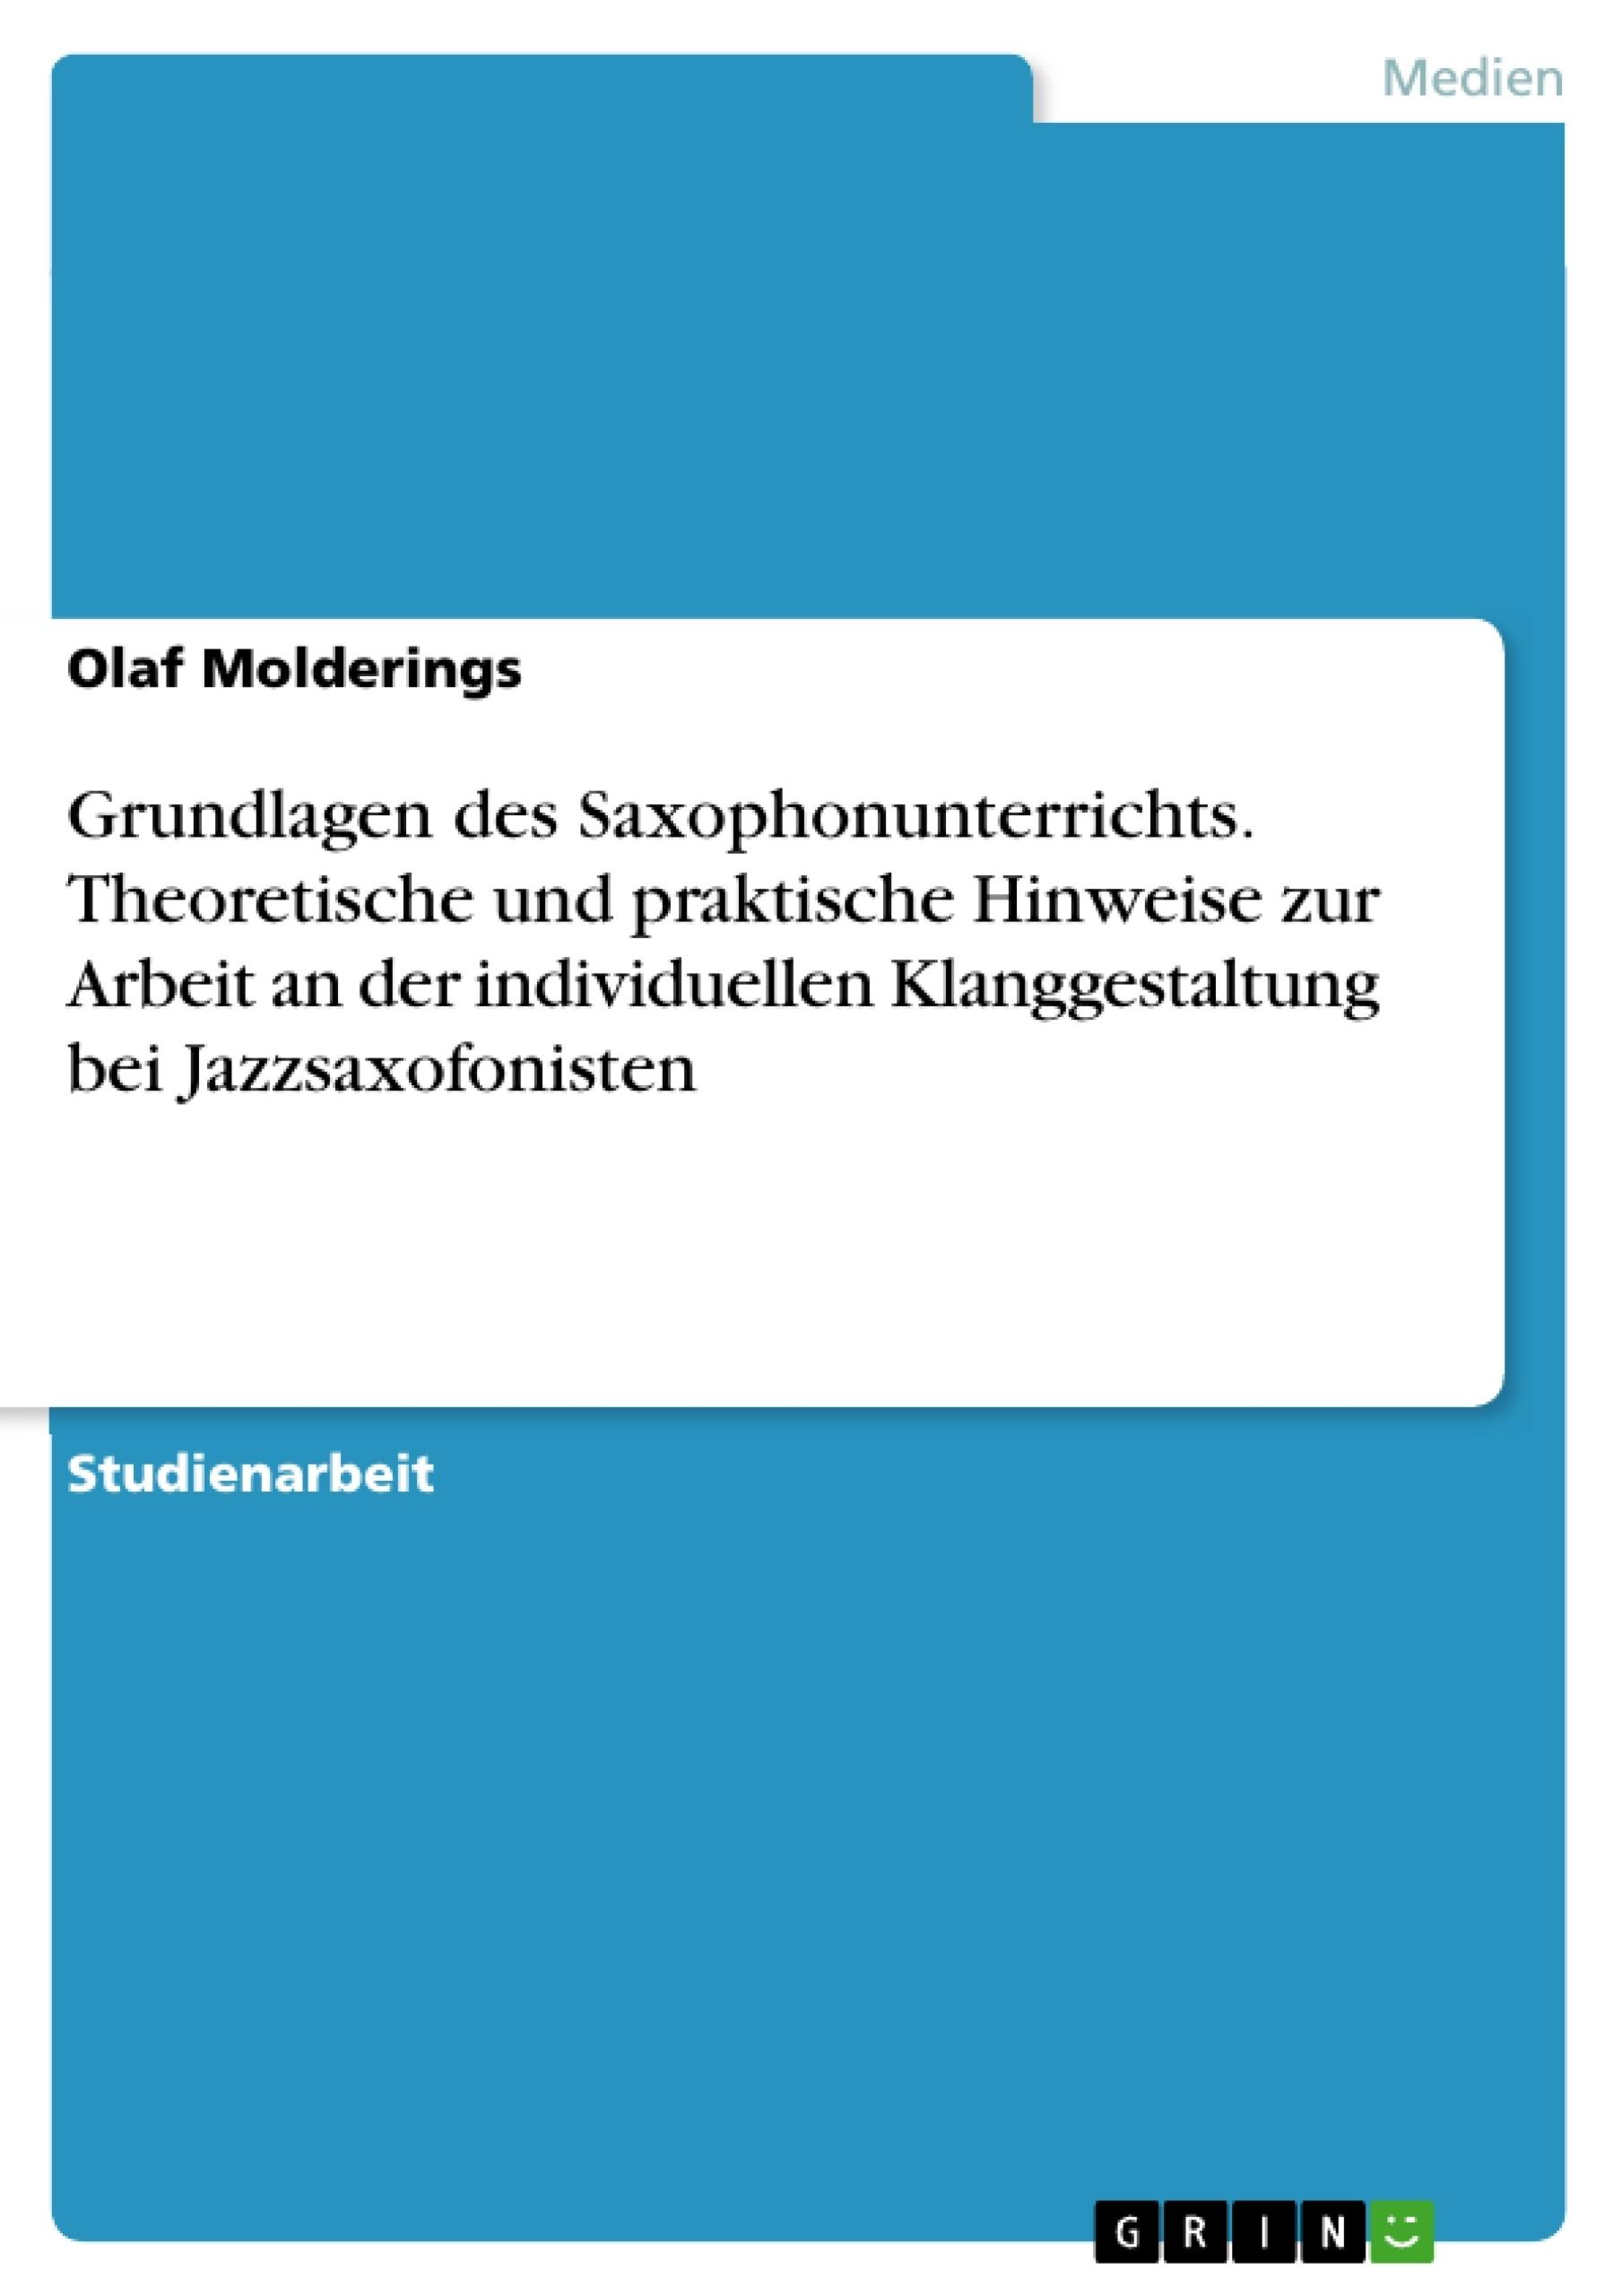 Titel: Grundlagen des Saxophonunterrichts. Theoretische und praktische Hinweise zur Arbeit an der individuellen Klanggestaltung bei Jazzsaxofonisten